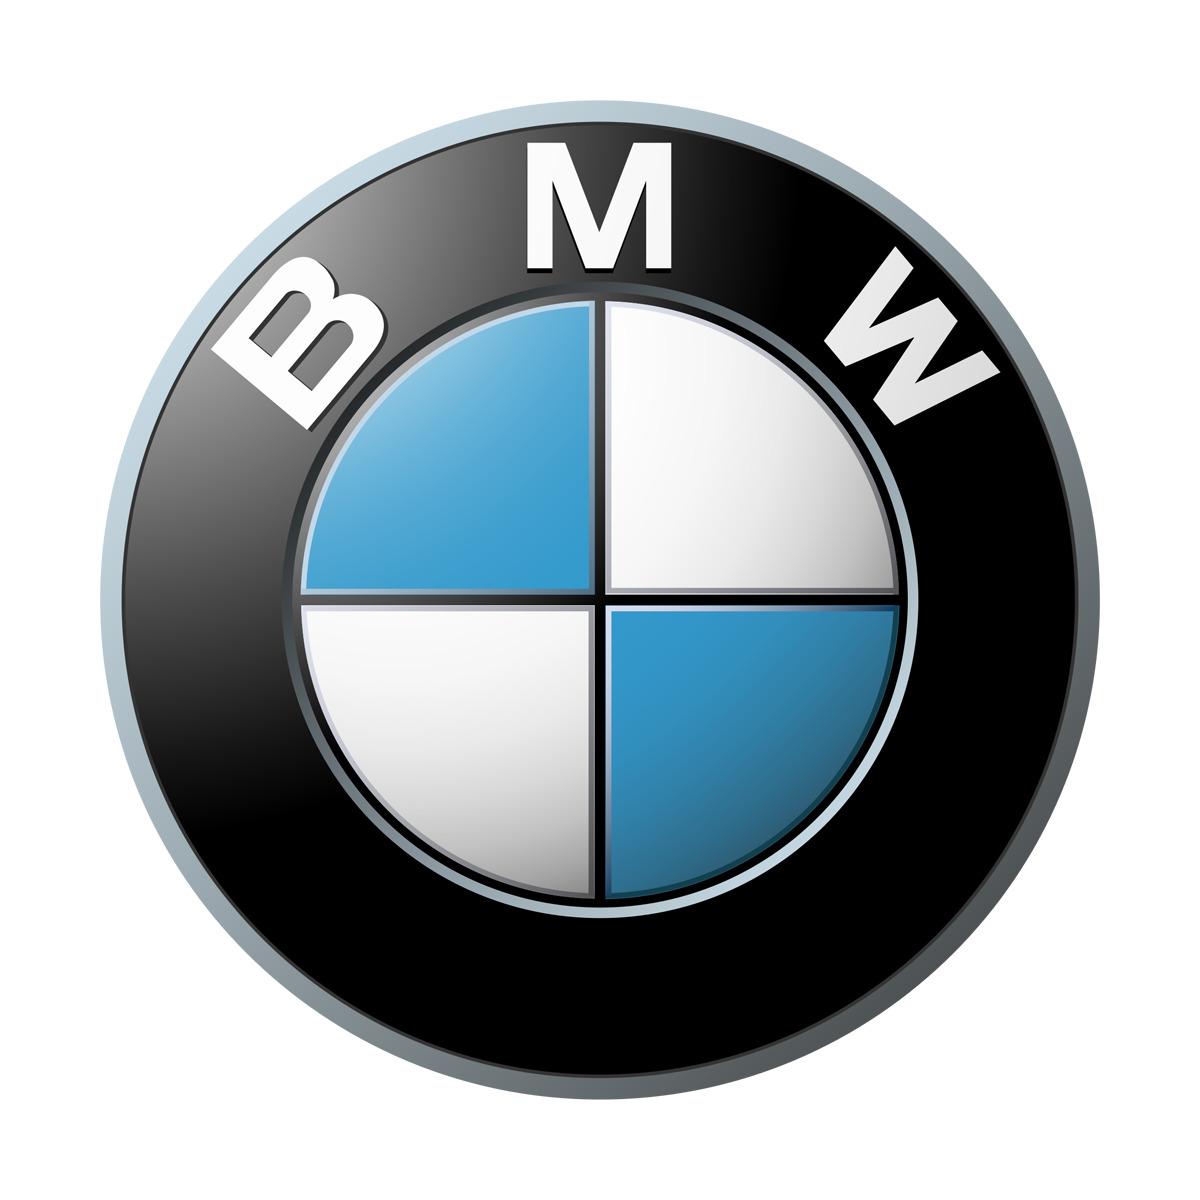 Imagen logo de BMW